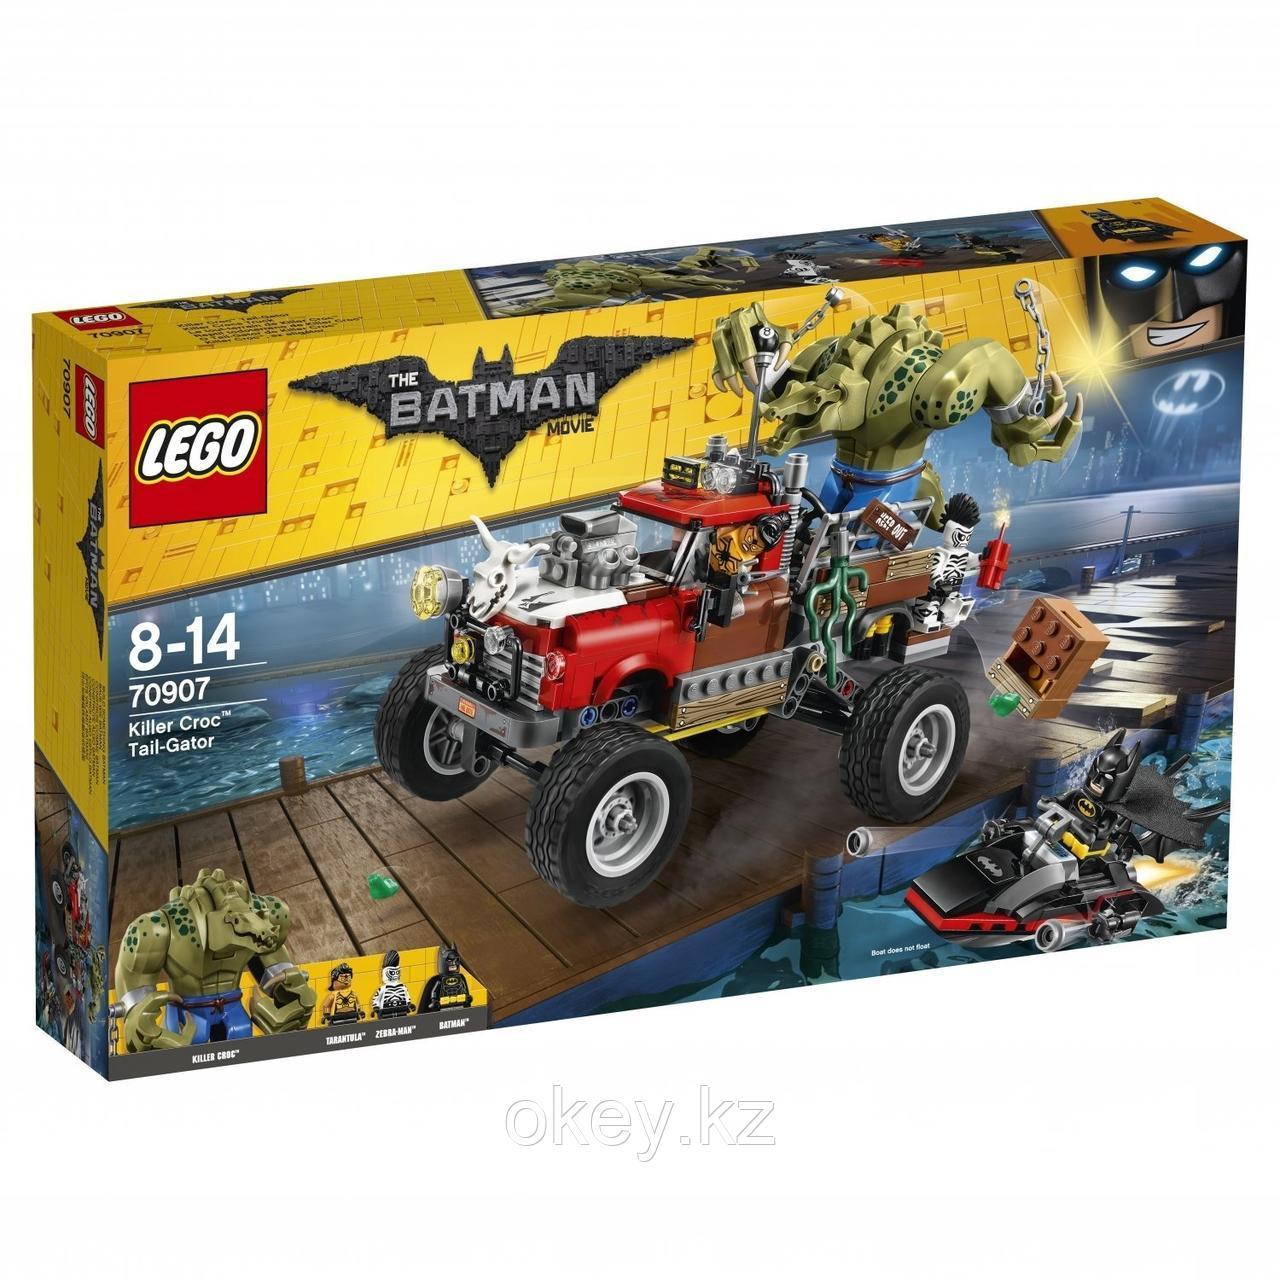 LEGO Batman Movie: Хвостовоз Убийцы Крока 70907